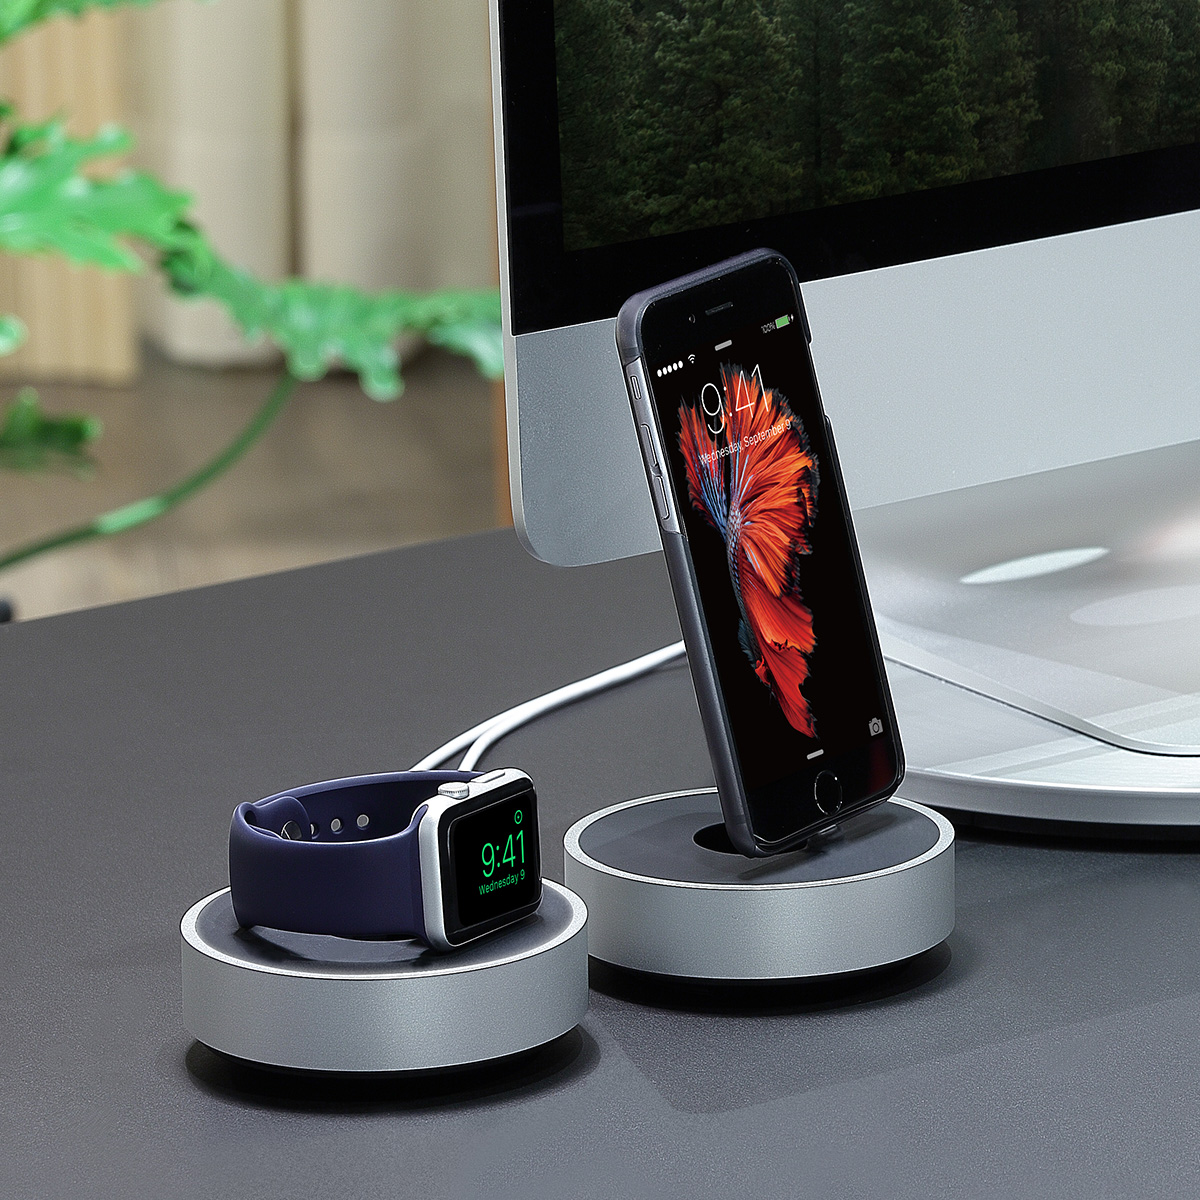 Apple Watch 充電スタンド Just Mobile HoverDock Apple Watch charging dock(ジャストモバイル ホバードック アップルウォッチ チャージングドック)ケーブル巻取り機能